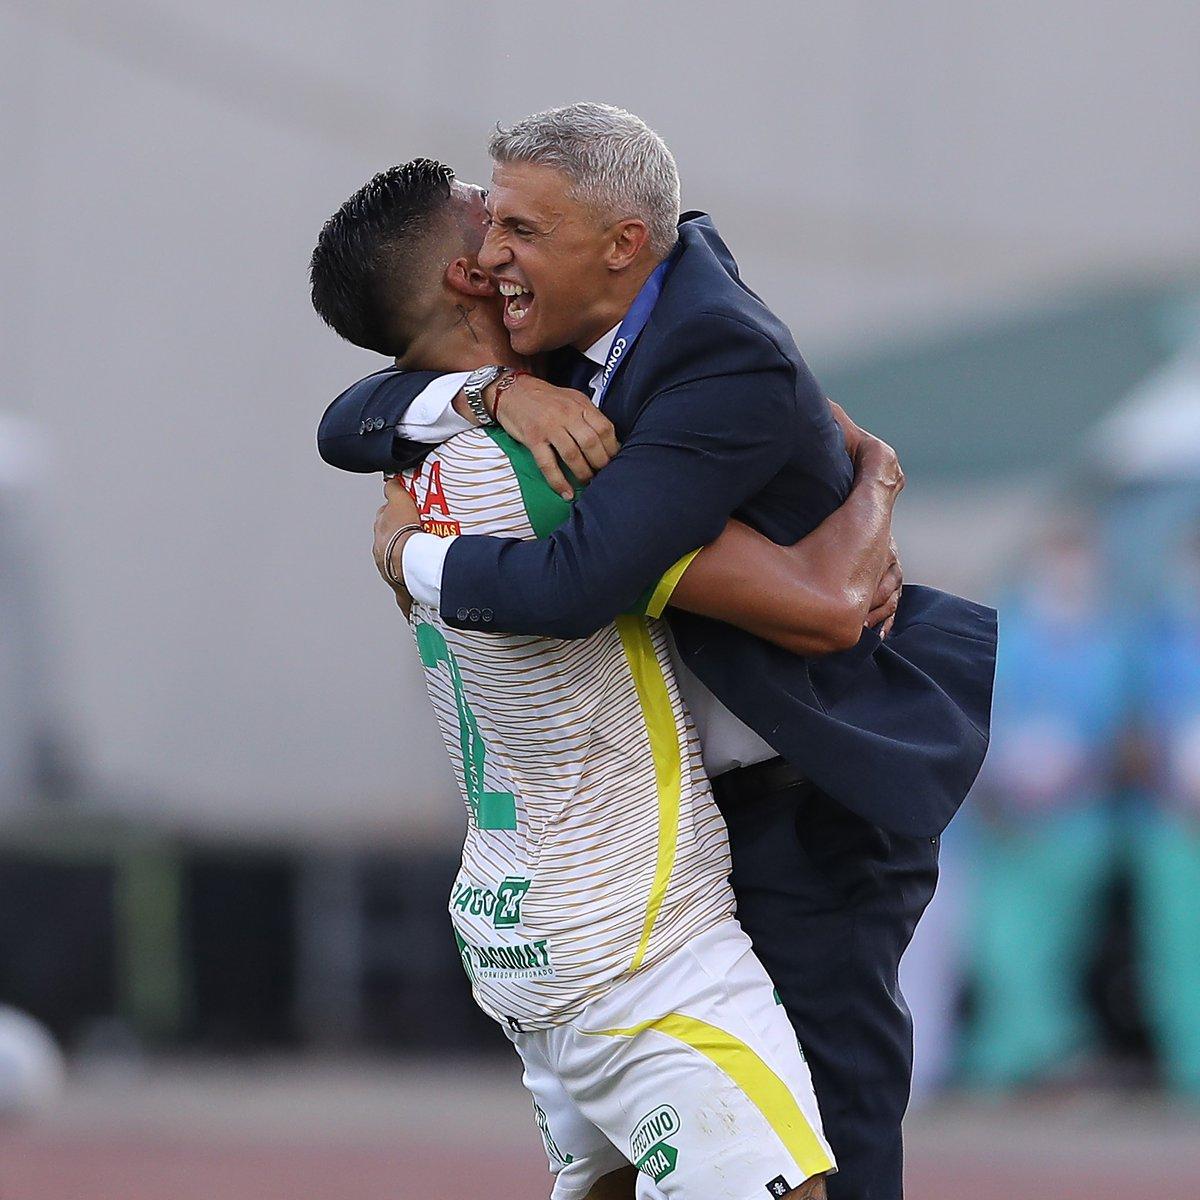 Hernan Crespo has won the Copa Sudamericana as Defensa y Justicia manager 😎